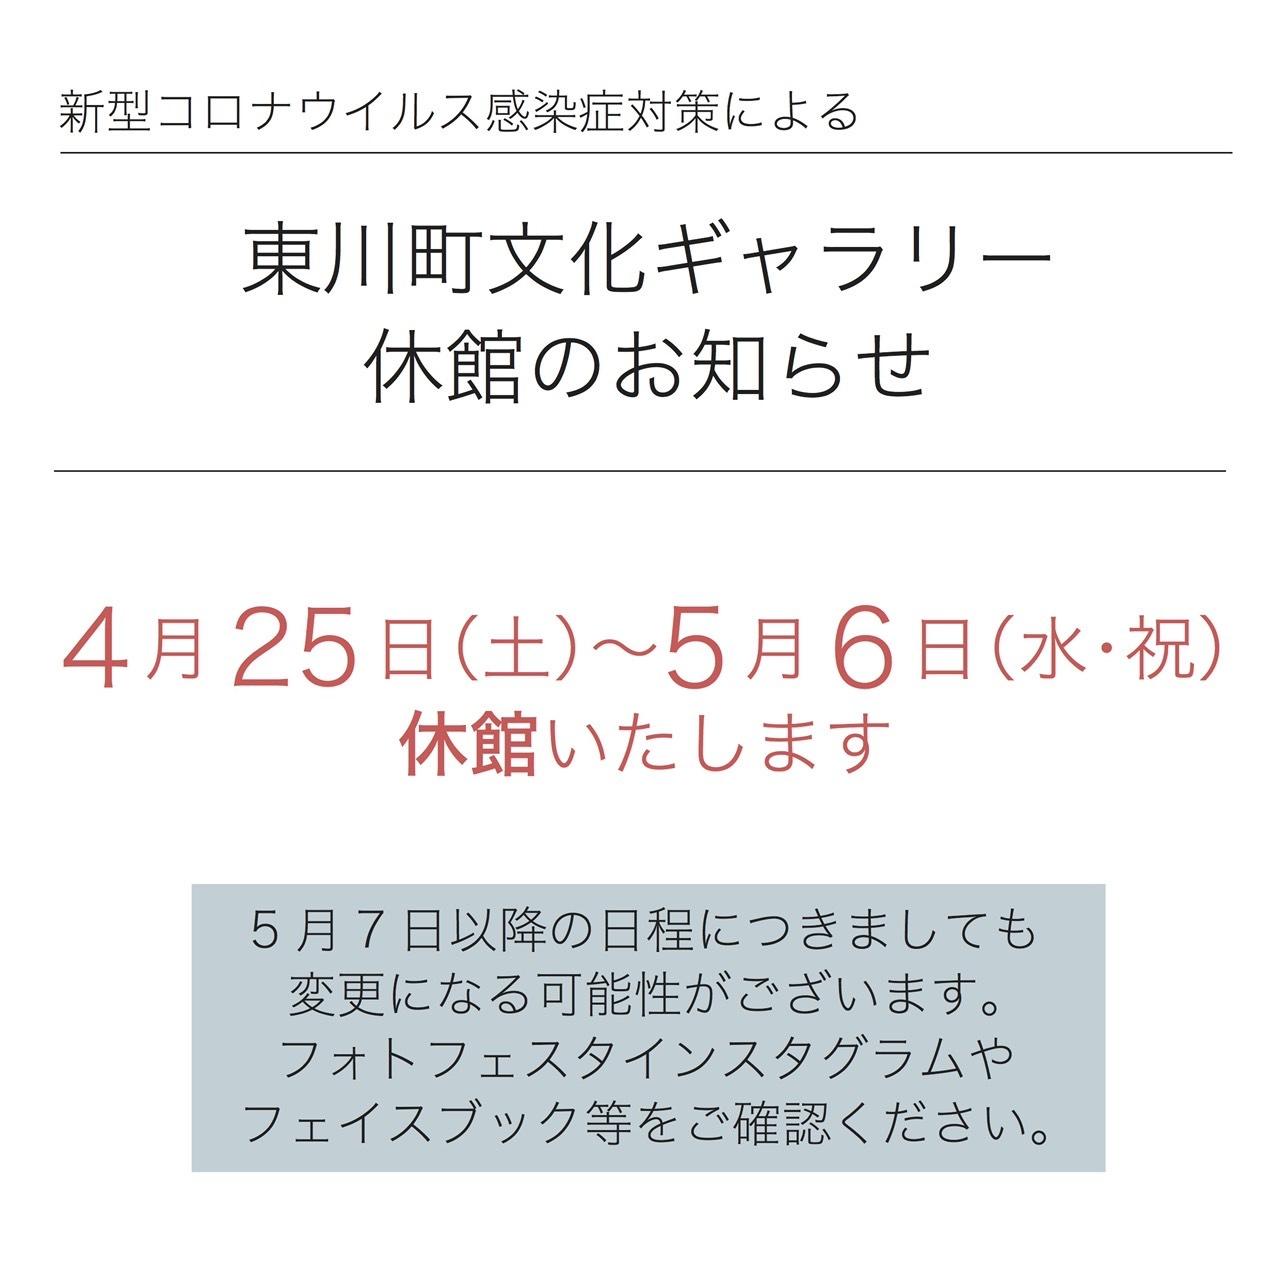 東川町文化ギャラリー休館のお知らせ_b0187229_15454016.jpg